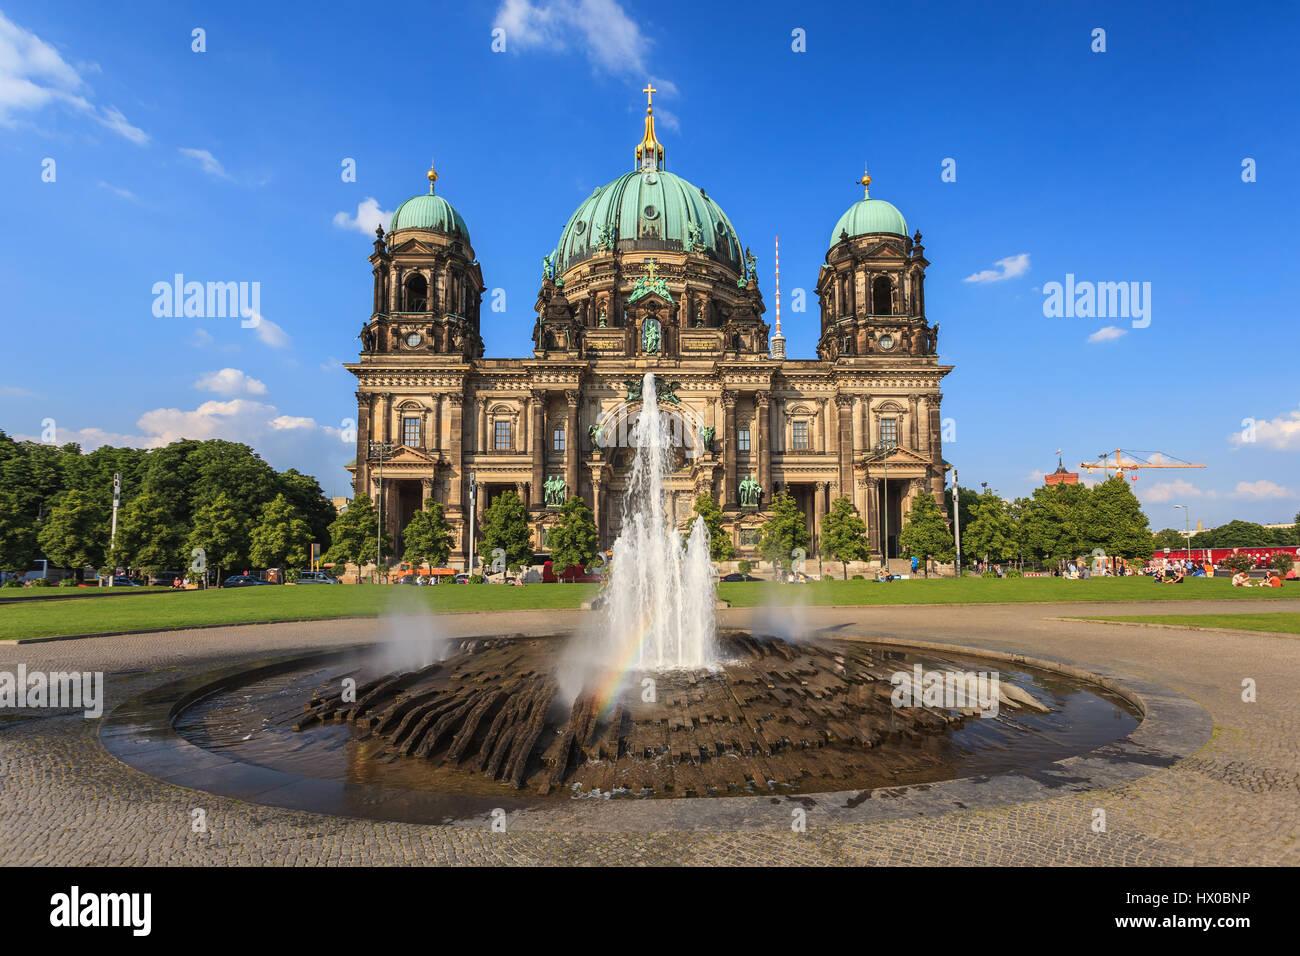 Cattedrale di Berlino, Berlino, Germania Immagini Stock